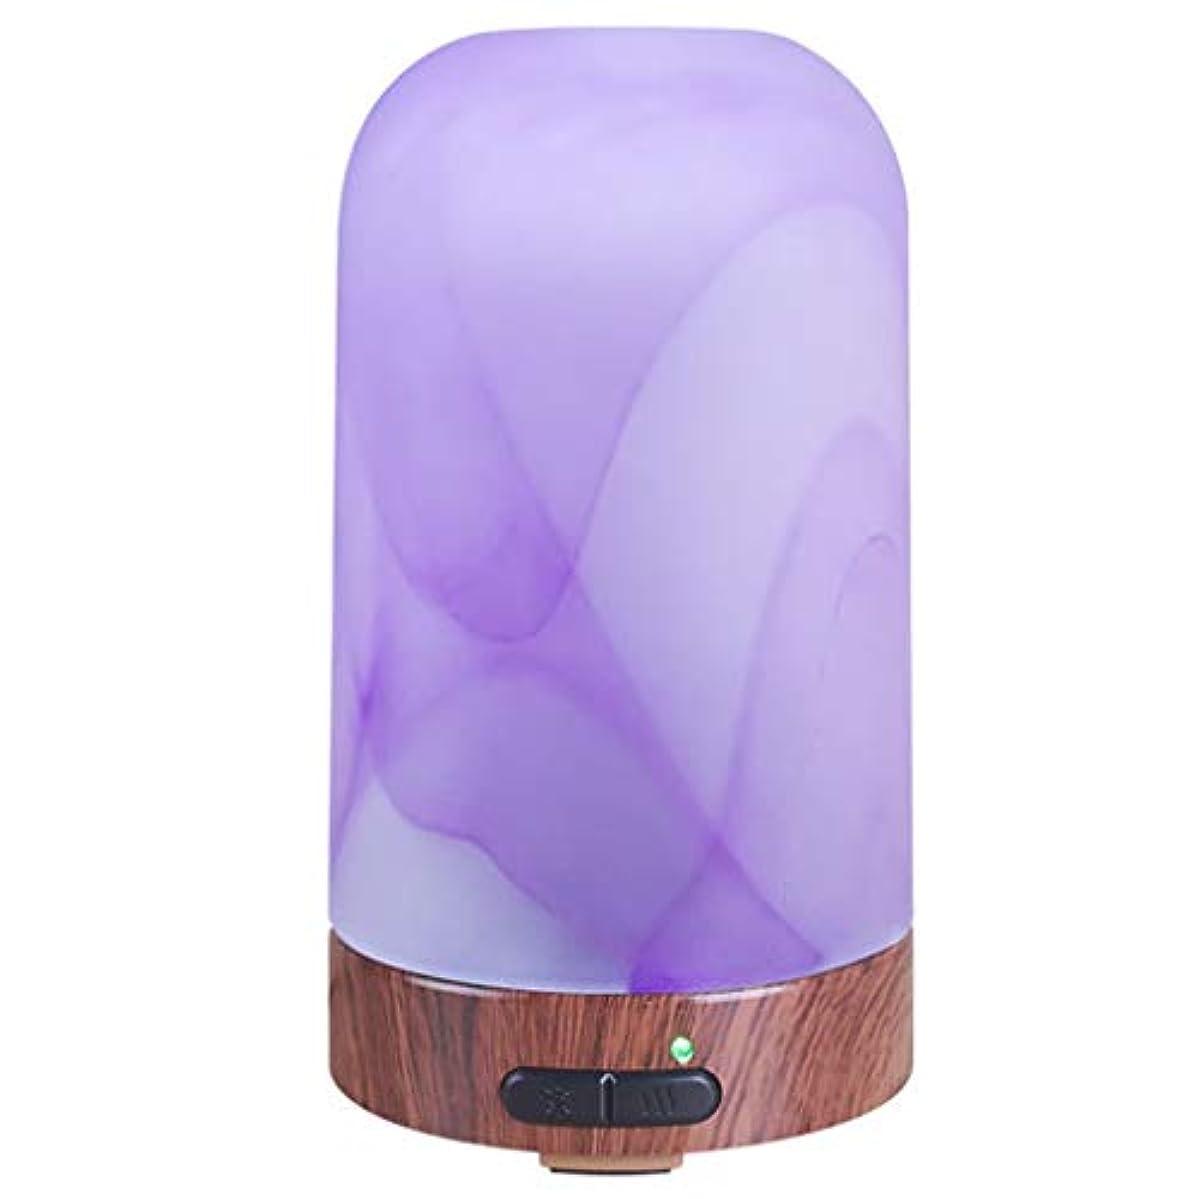 機転しかし極めてアロマセラピーエッセンシャルオイルディフューザー、ウッドグレインアロマディフューザークールミスト加湿器付きナイトライトウォーターレスオートシャットオフホームオフィスヨガ (Color : Purple)